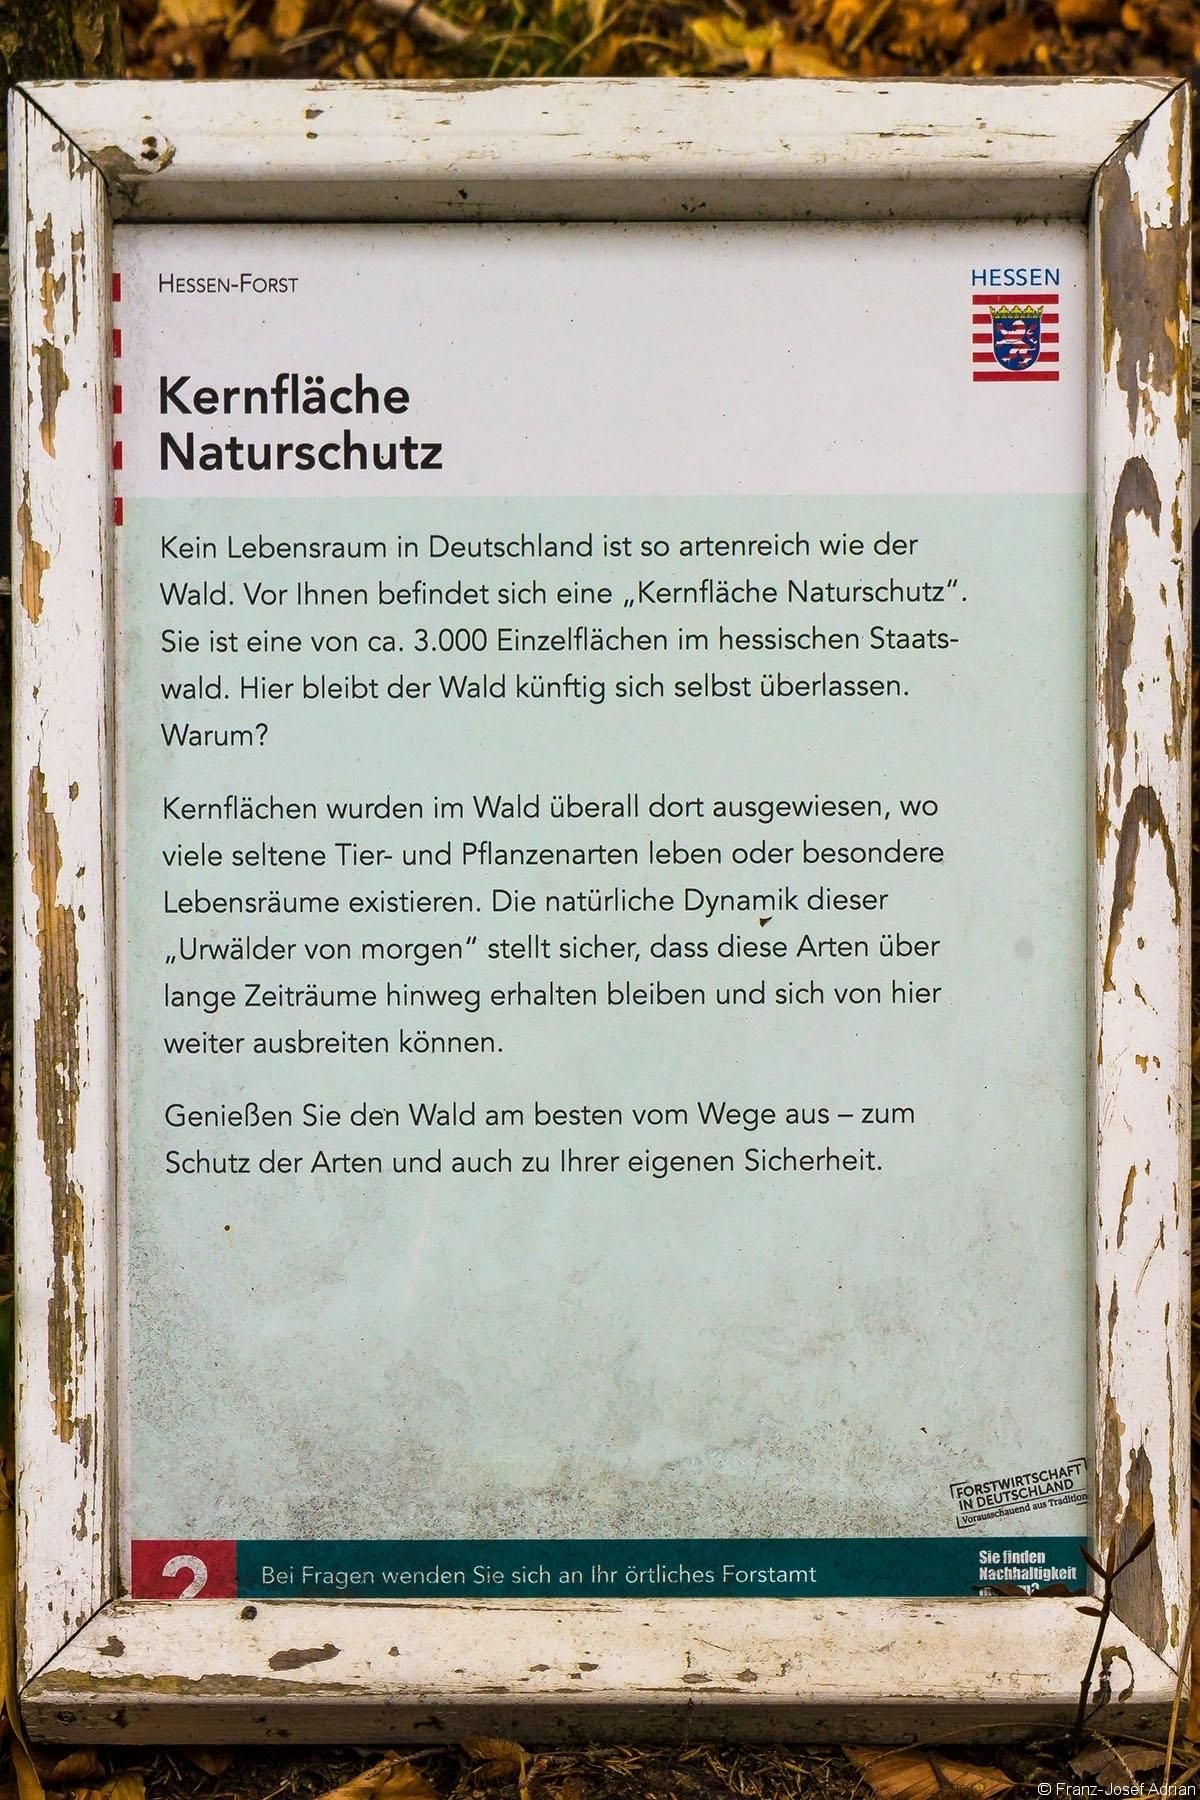 Prozessschutz_Wuestegarten_01